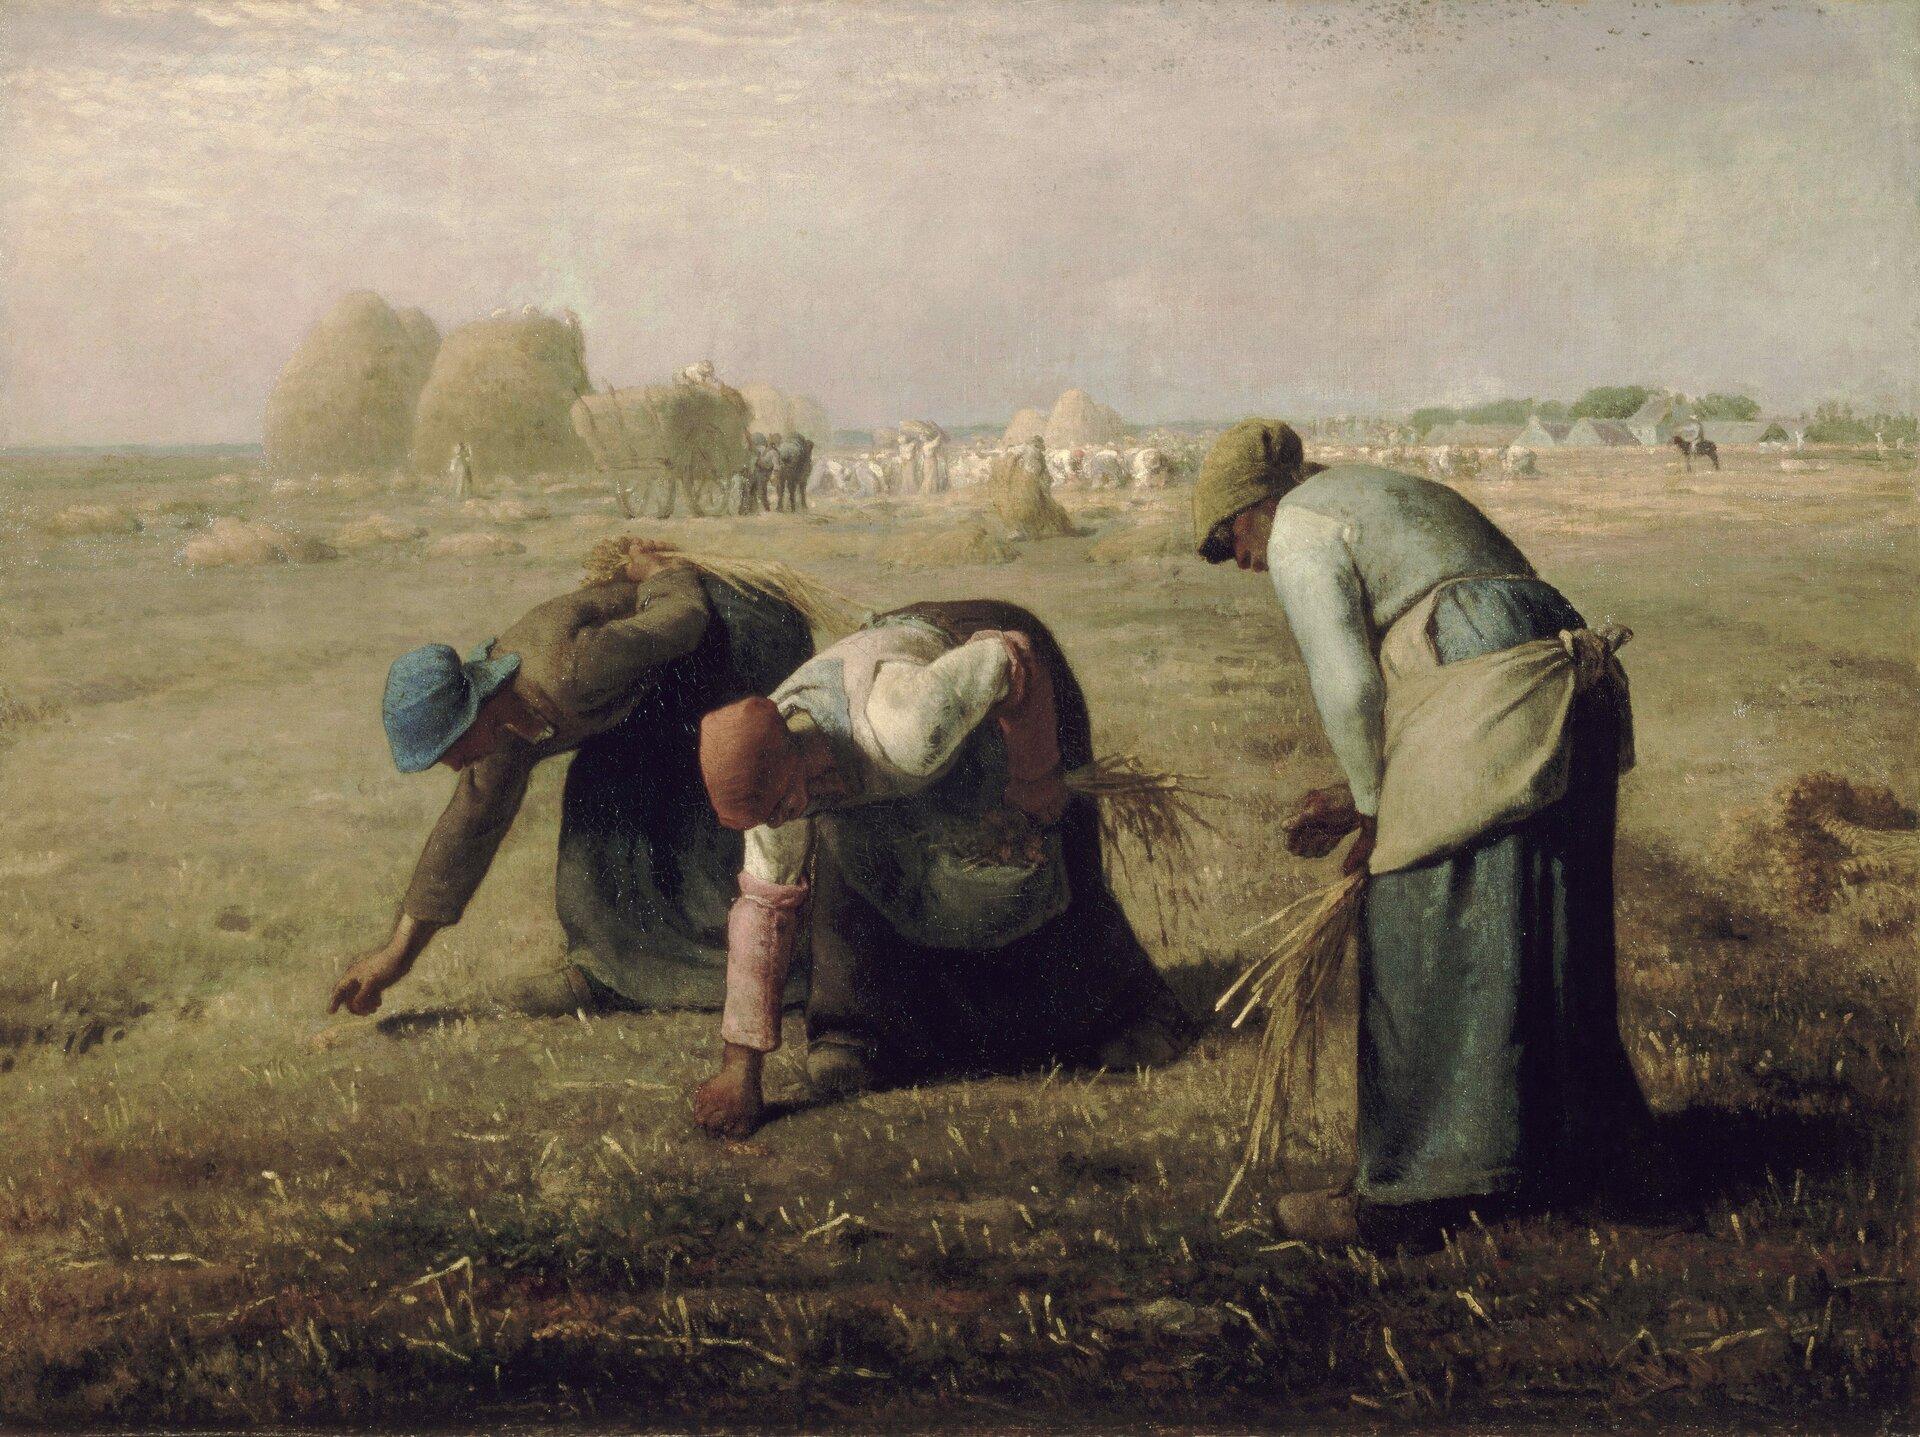 Kobiety zbierające kłosy Źródło: Jean-François Millet, Kobiety zbierające kłosy, 1857, olej na płótnie, domena publiczna.